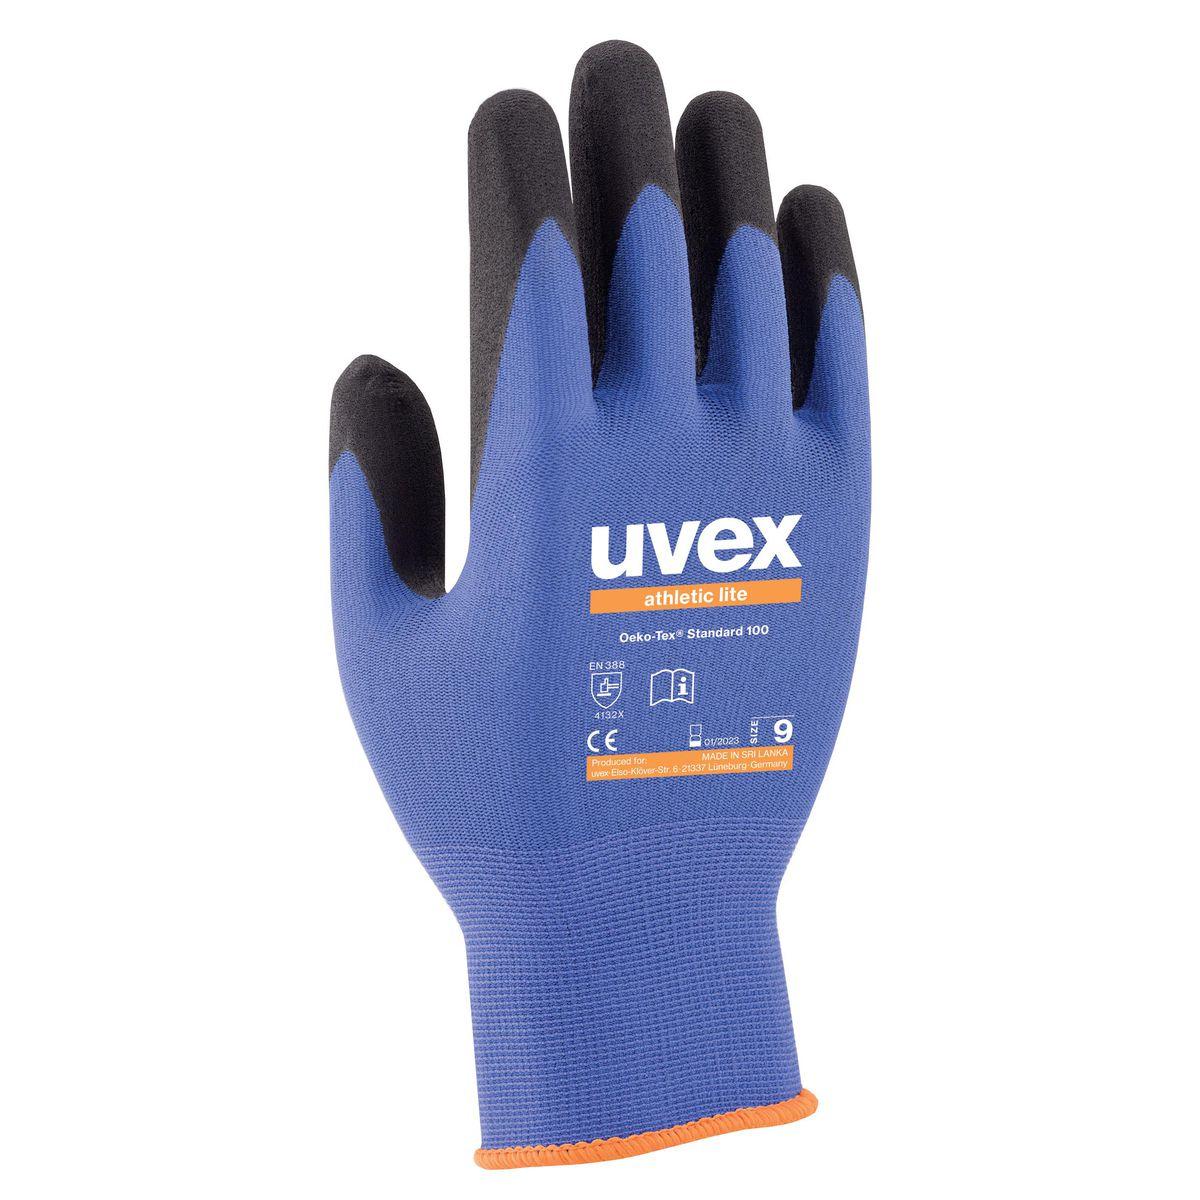 uvex athletic lite Safety Gloves - 10